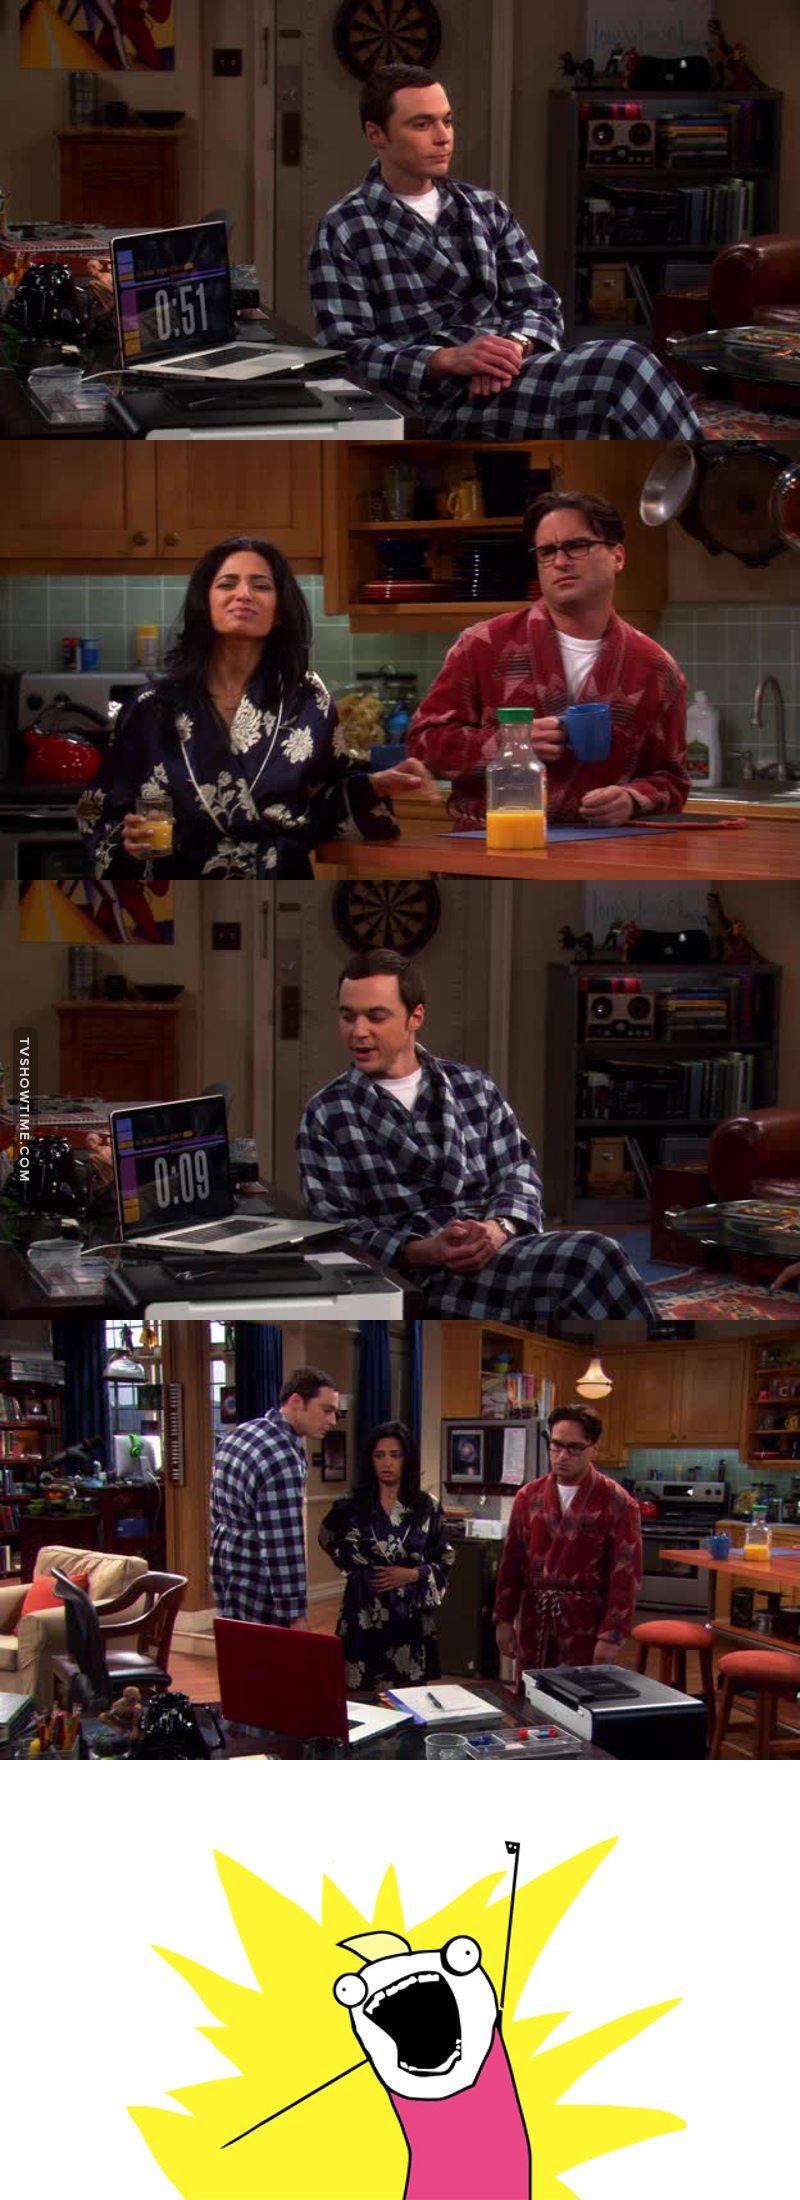 Arrasou Sheldon